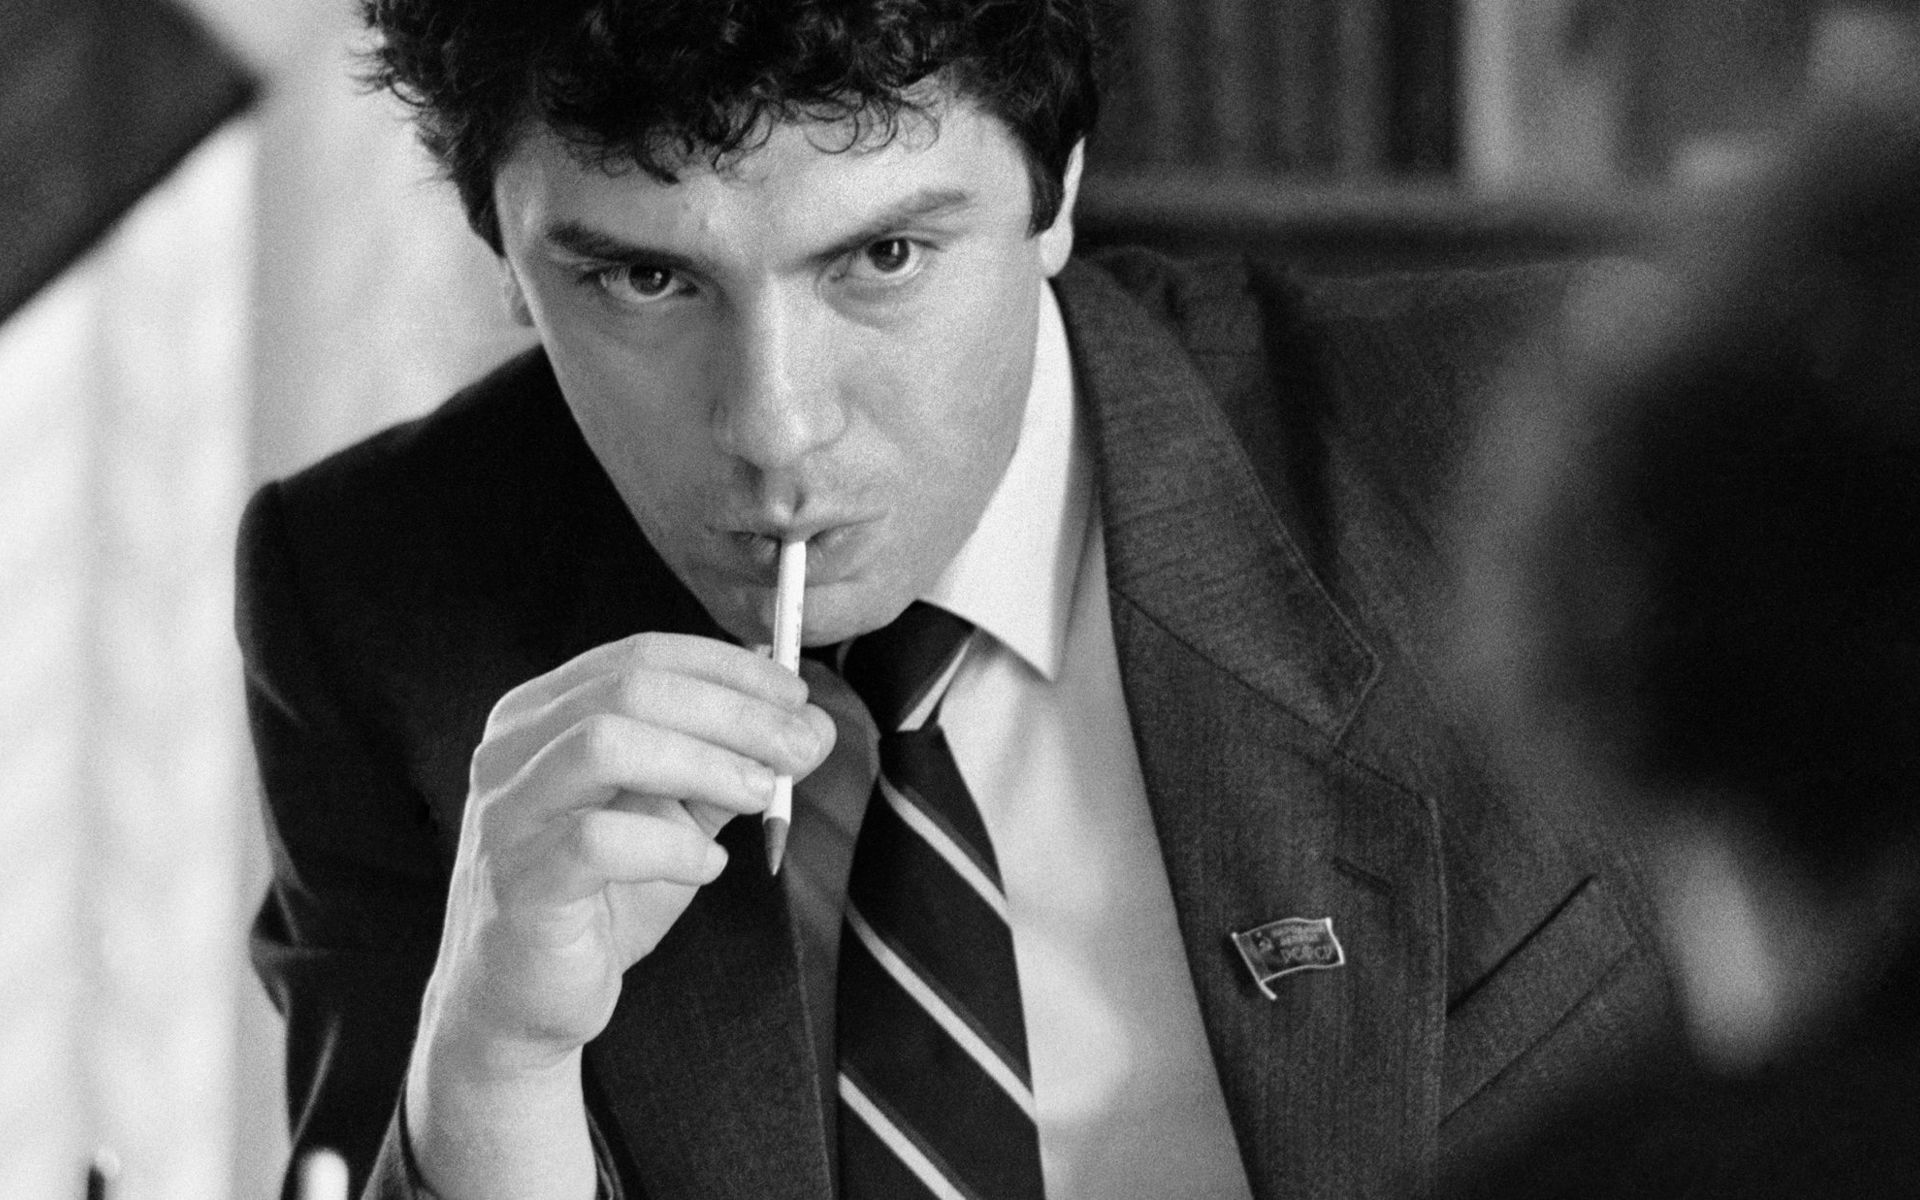 """""""Политика - дело грязное. Политики могут быть разными"""". Интервью Бориса Немцова 1992 года"""